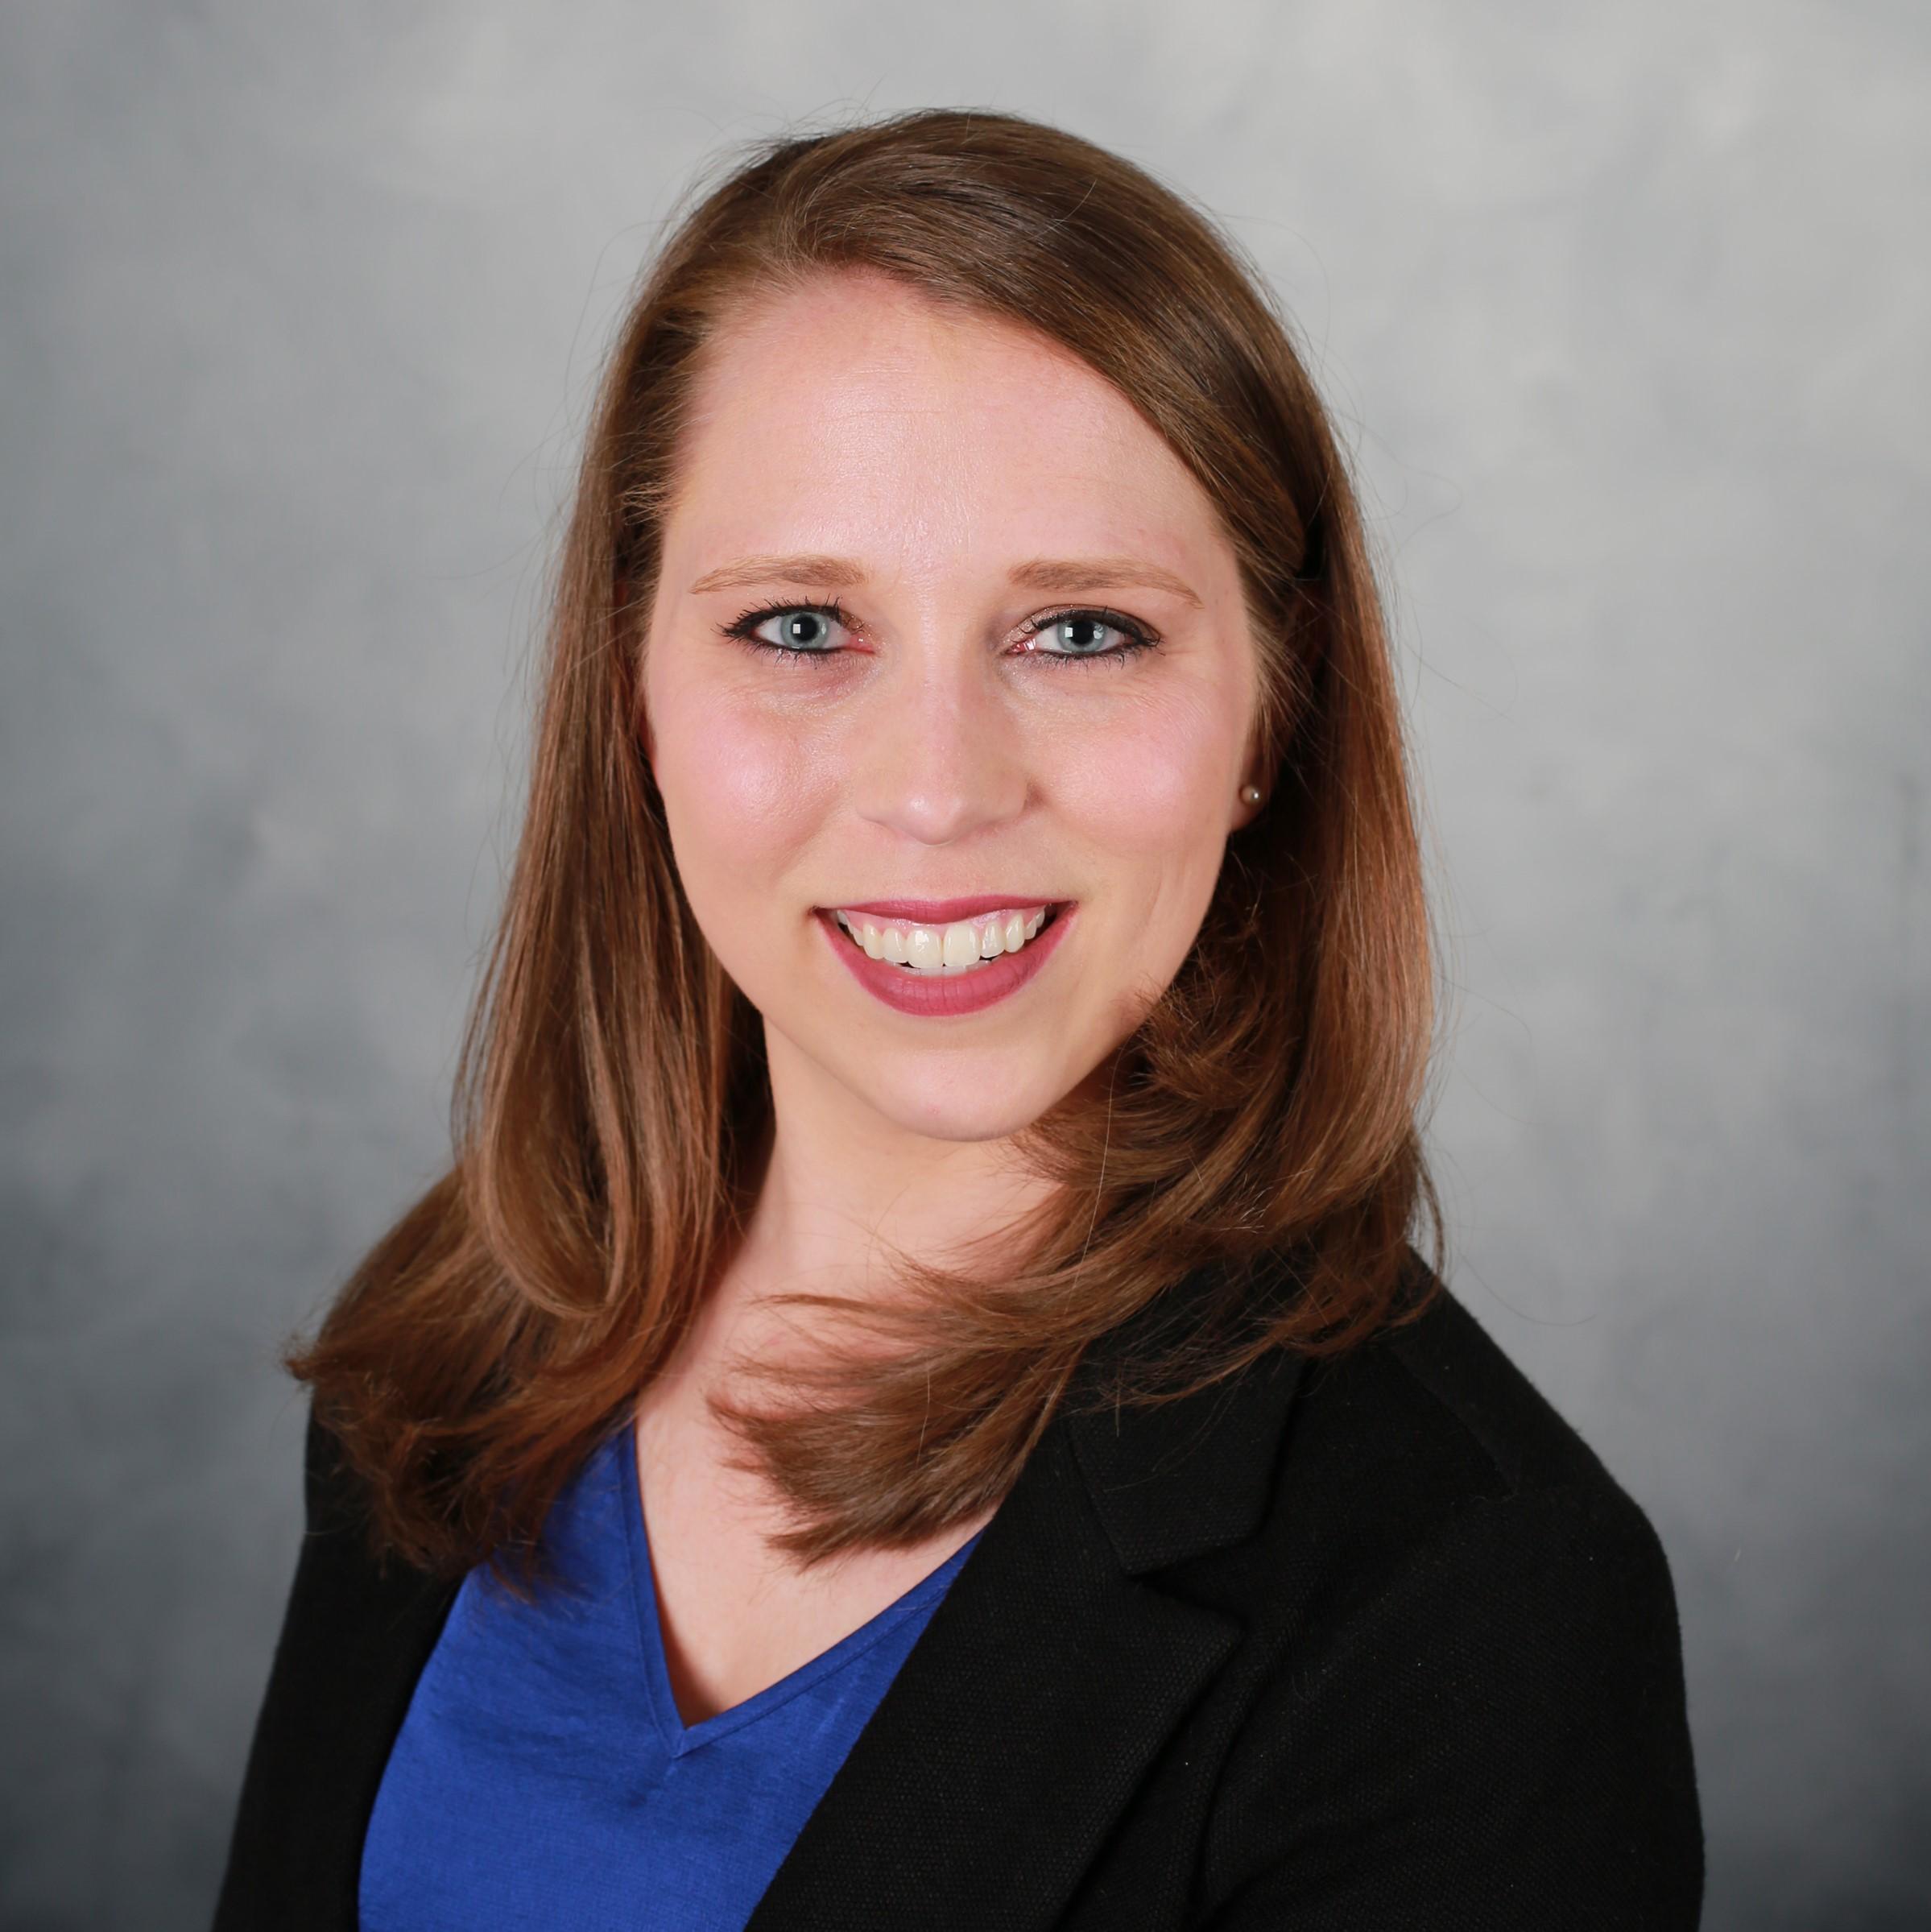 Samantha Vrooman, AuD